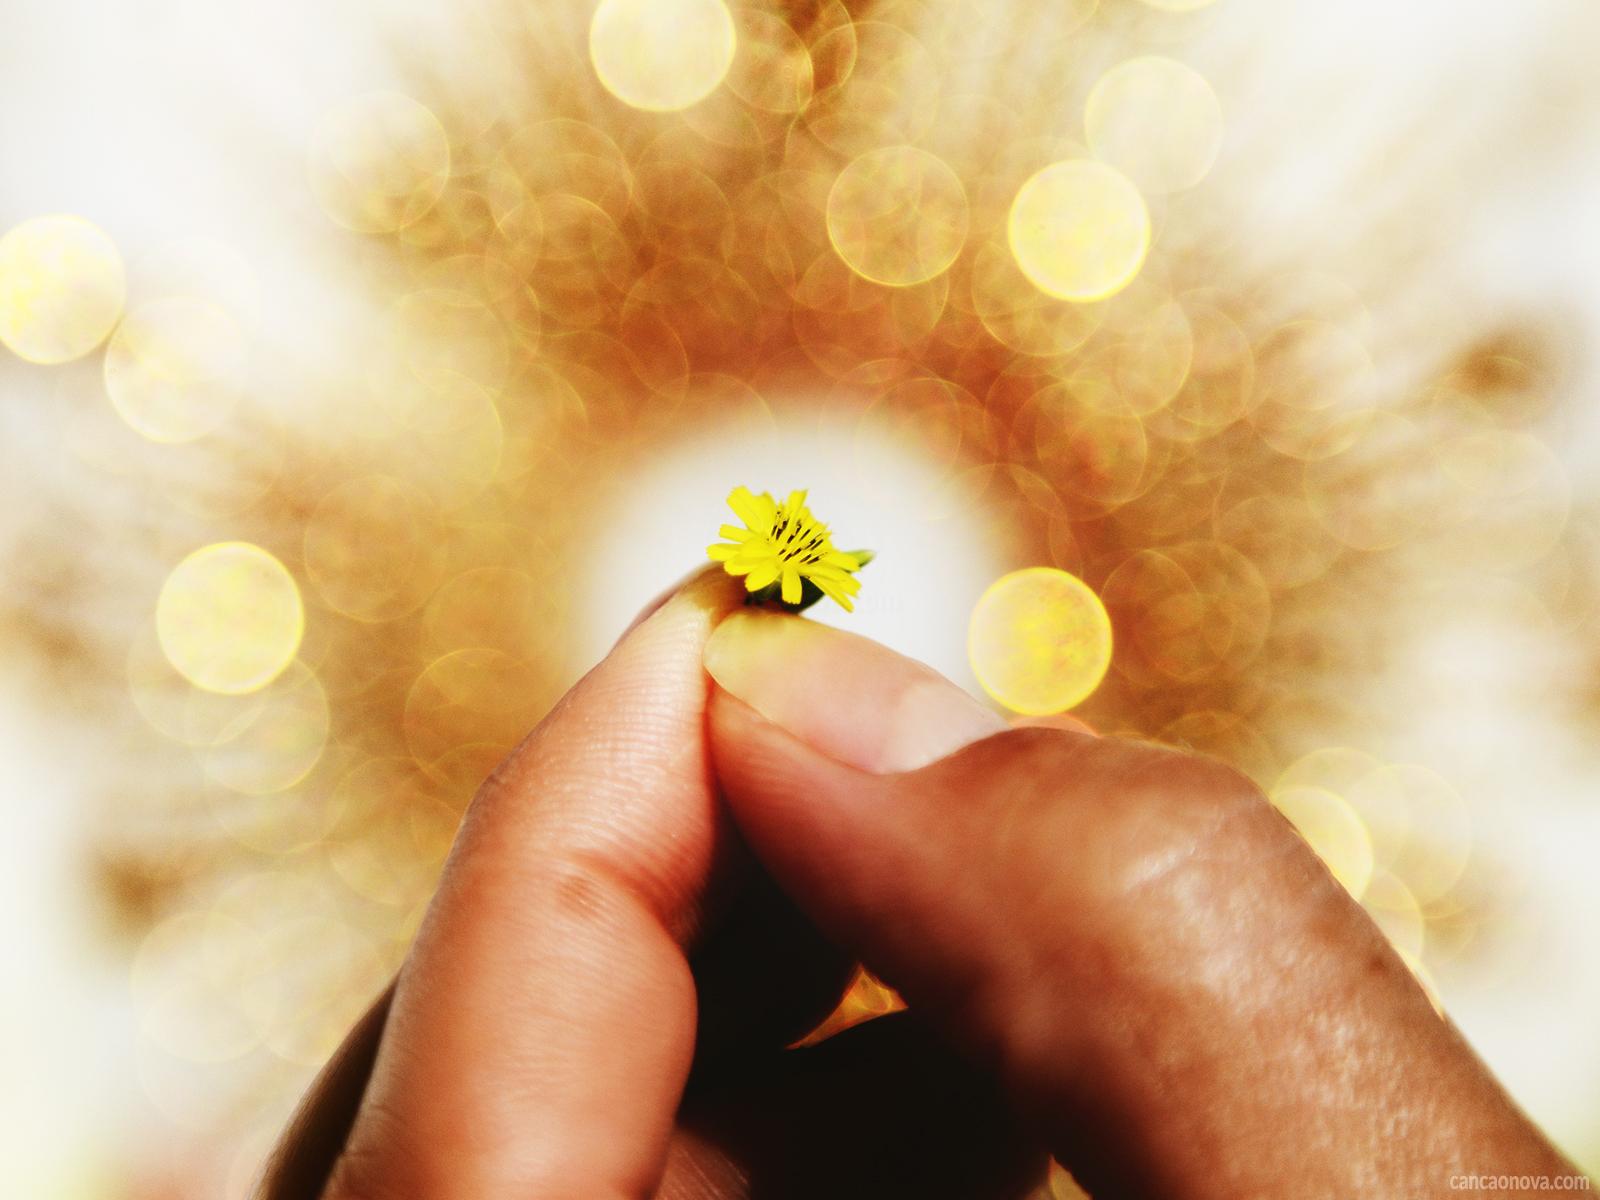 Reconhecer o agir de Deus é uma necessidade para nós